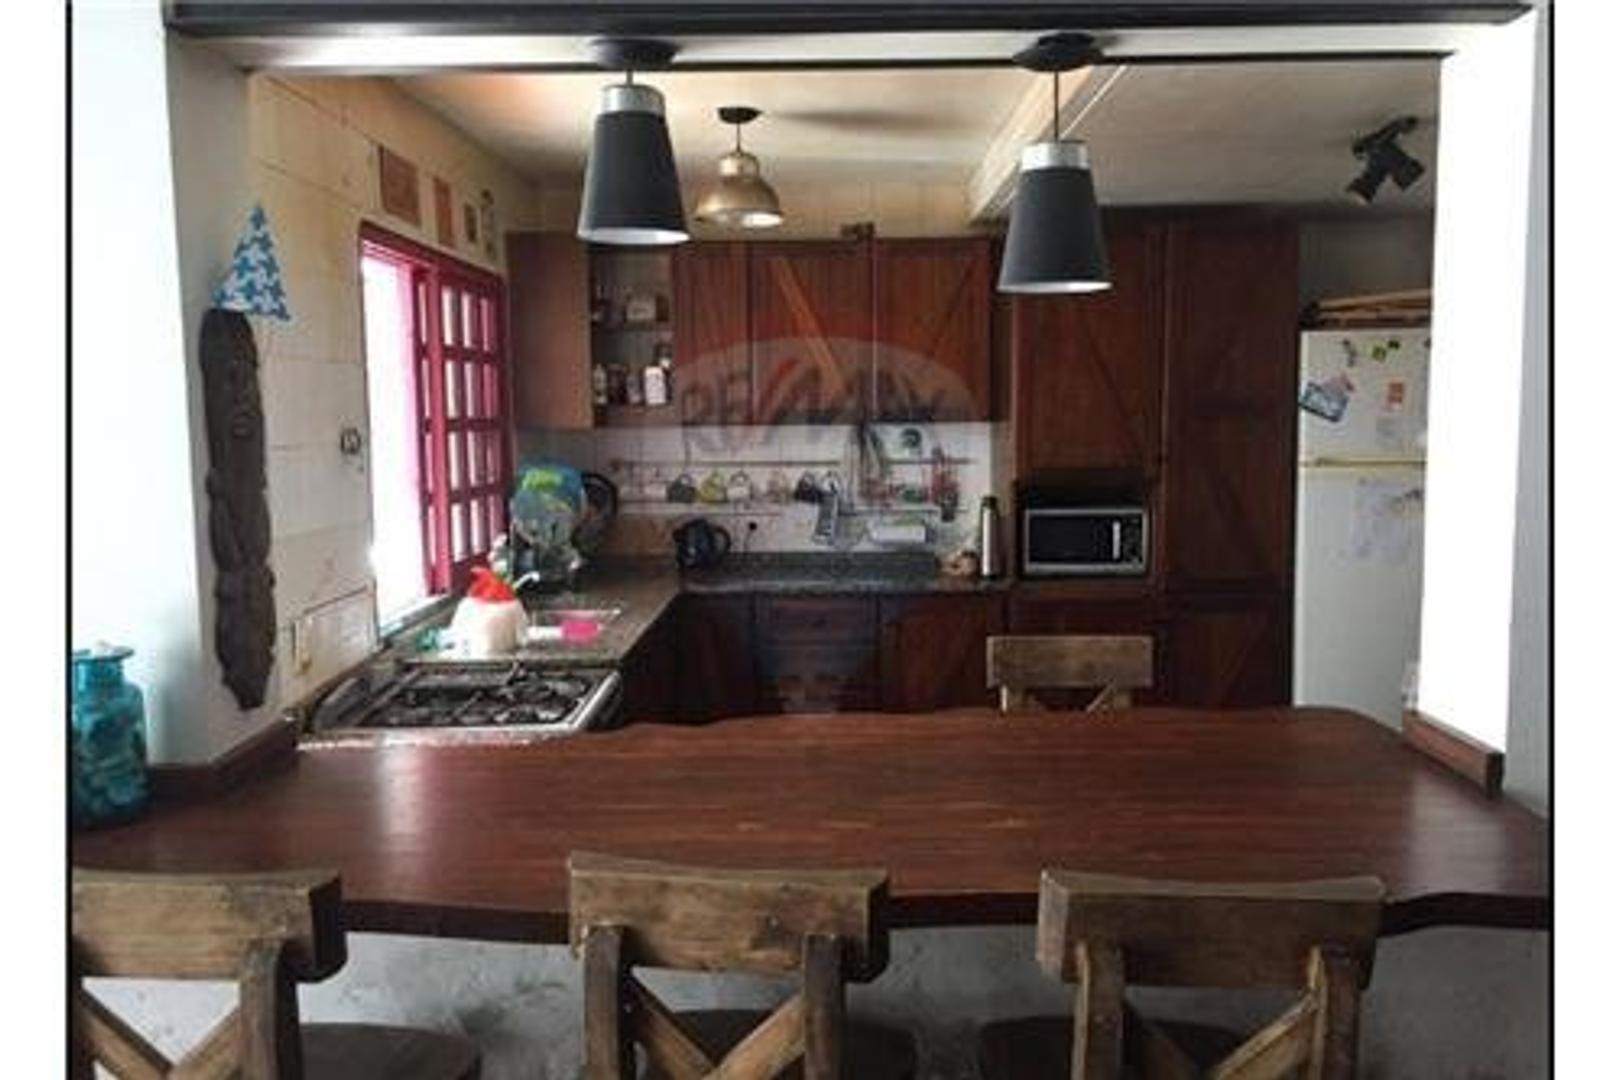 Casa 2 plantas + Patio + Cochera Villa Crespo